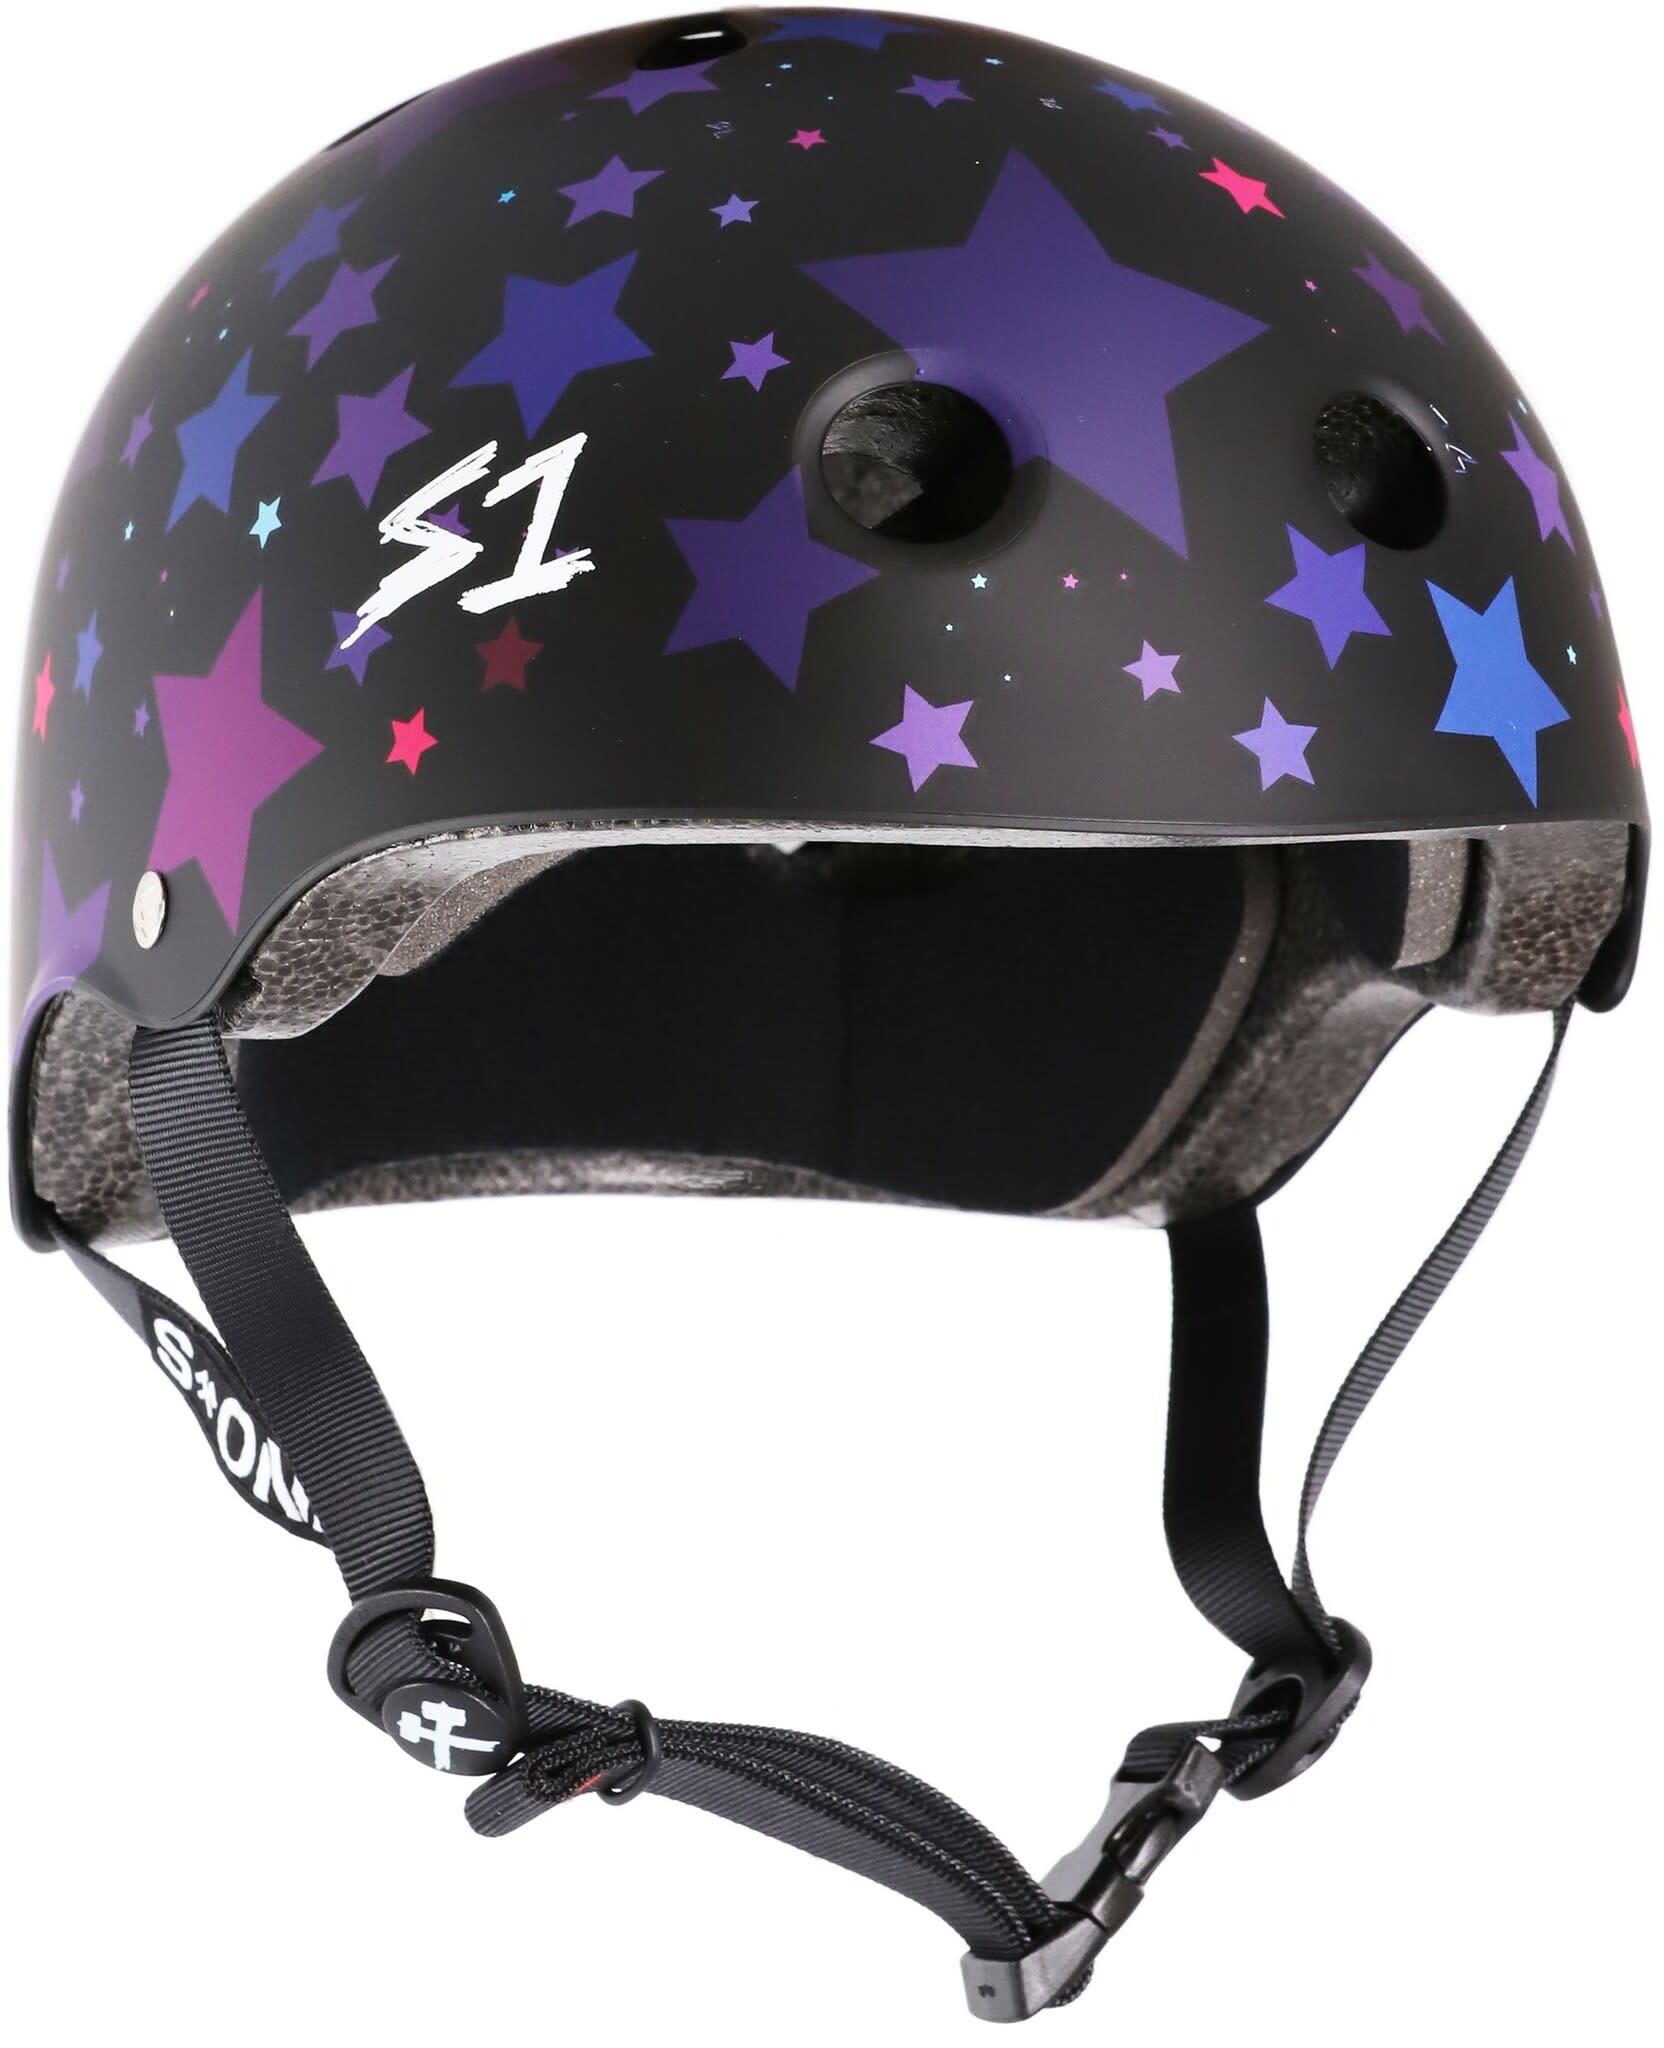 S1 S1 HELMET - BLACK MATTE/STARS